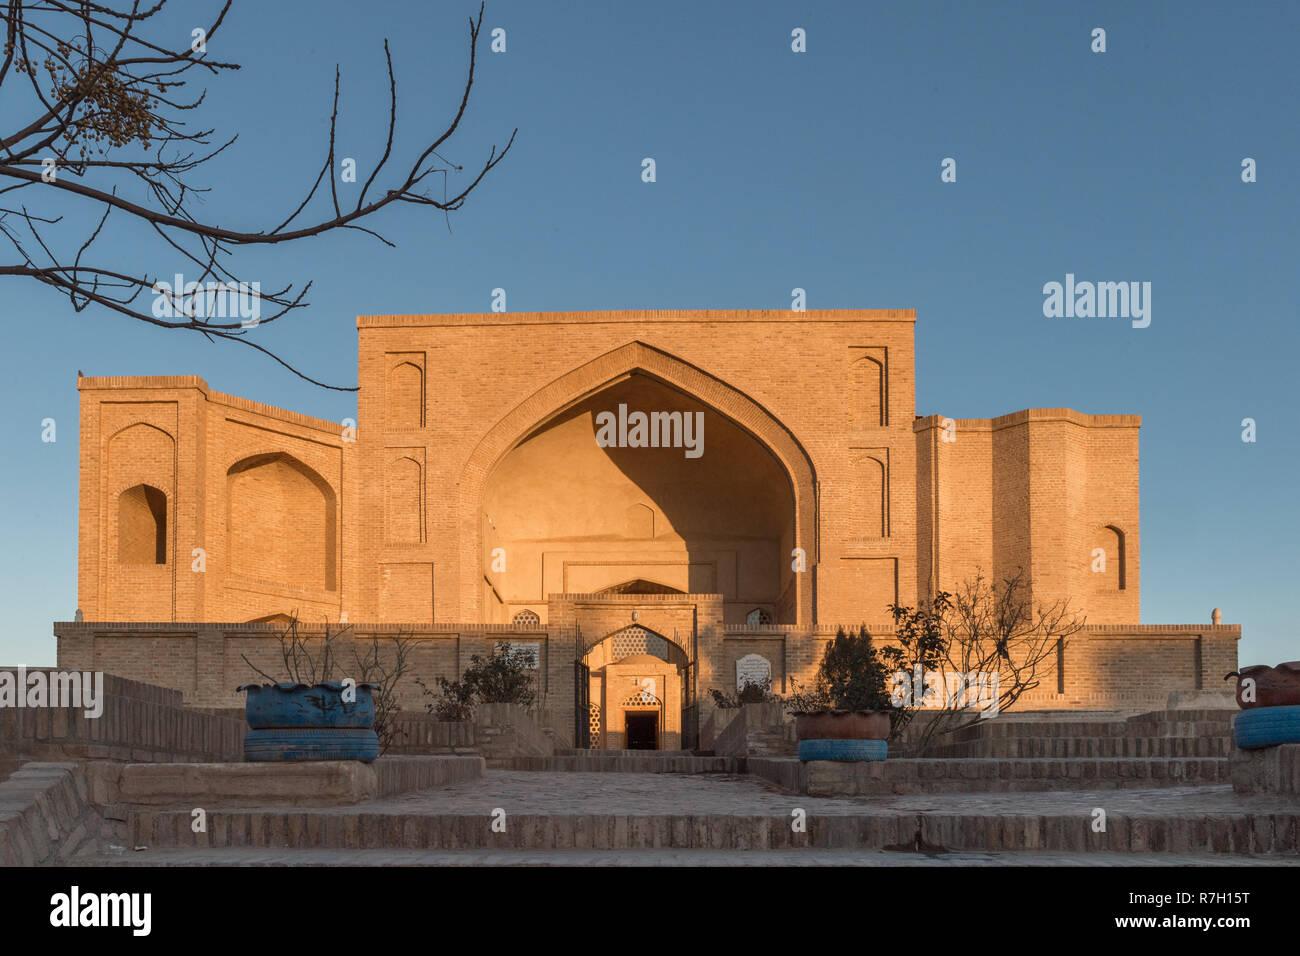 Woman Herat